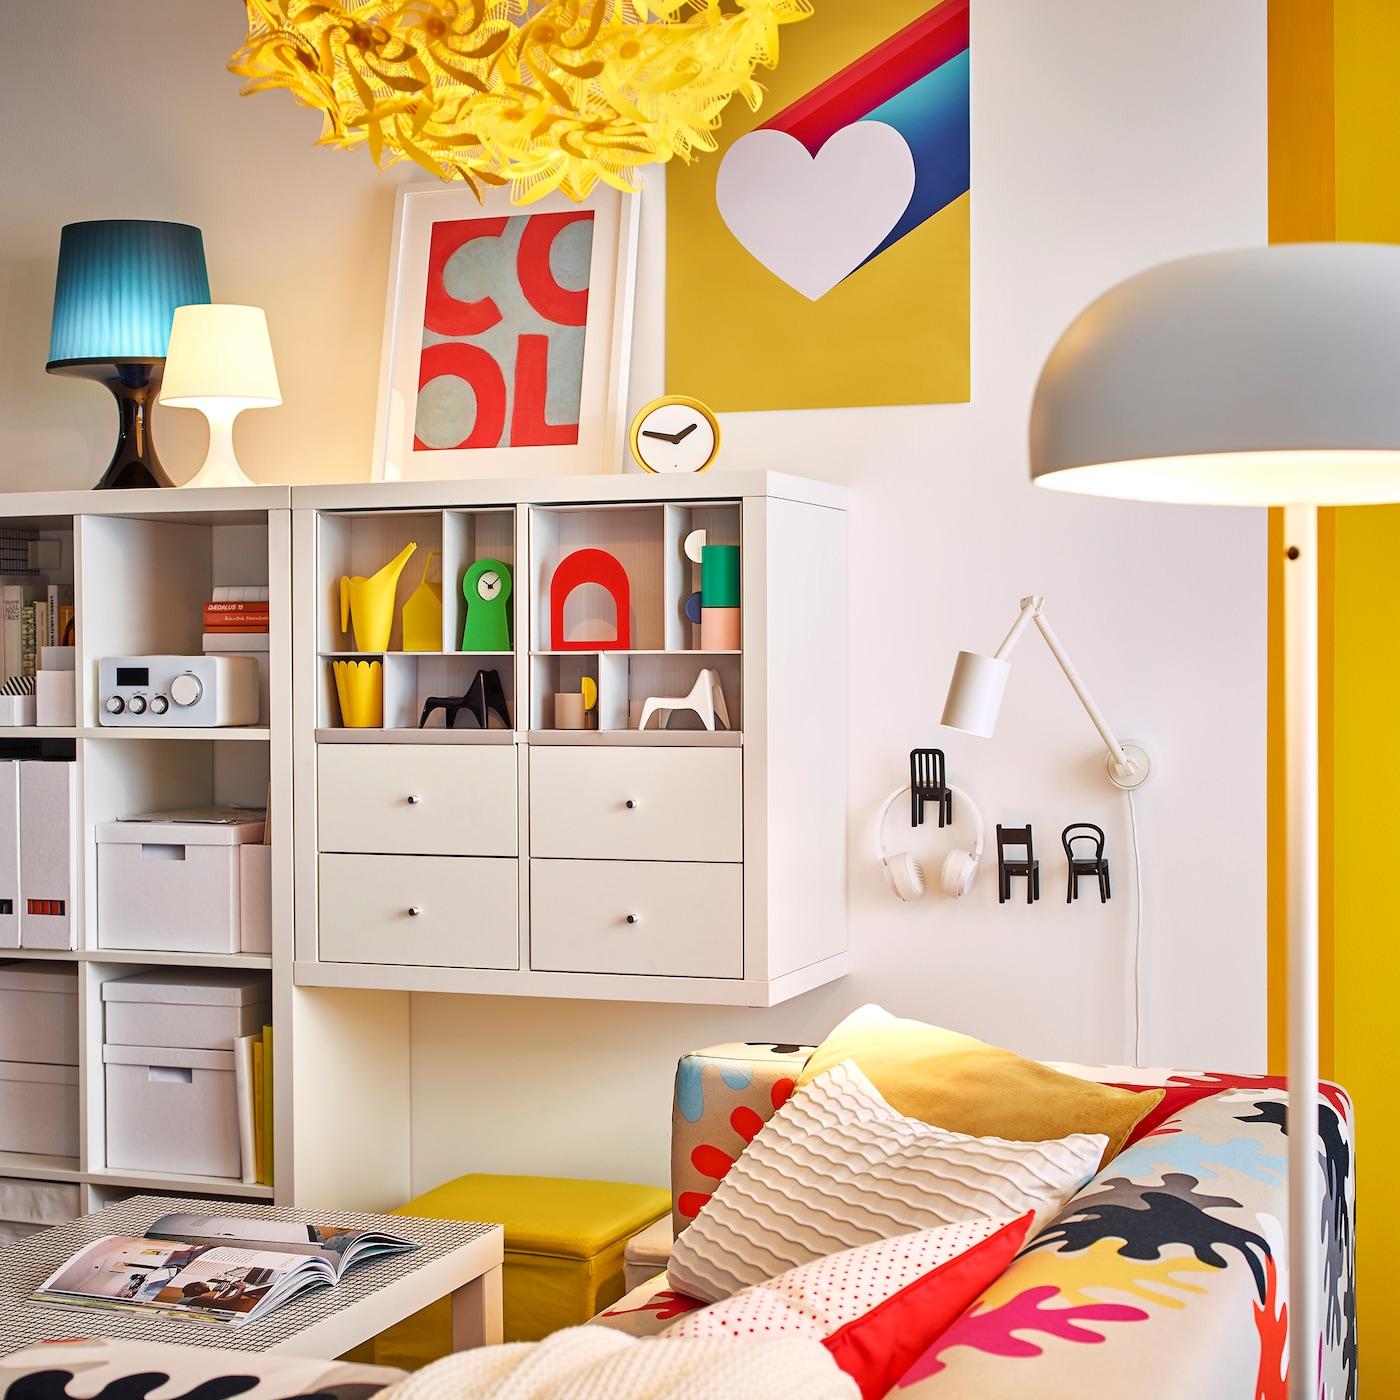 Ikea Classiques Classiques Revisités Classiques Ikea Revisités Revisités zSMGUpqV